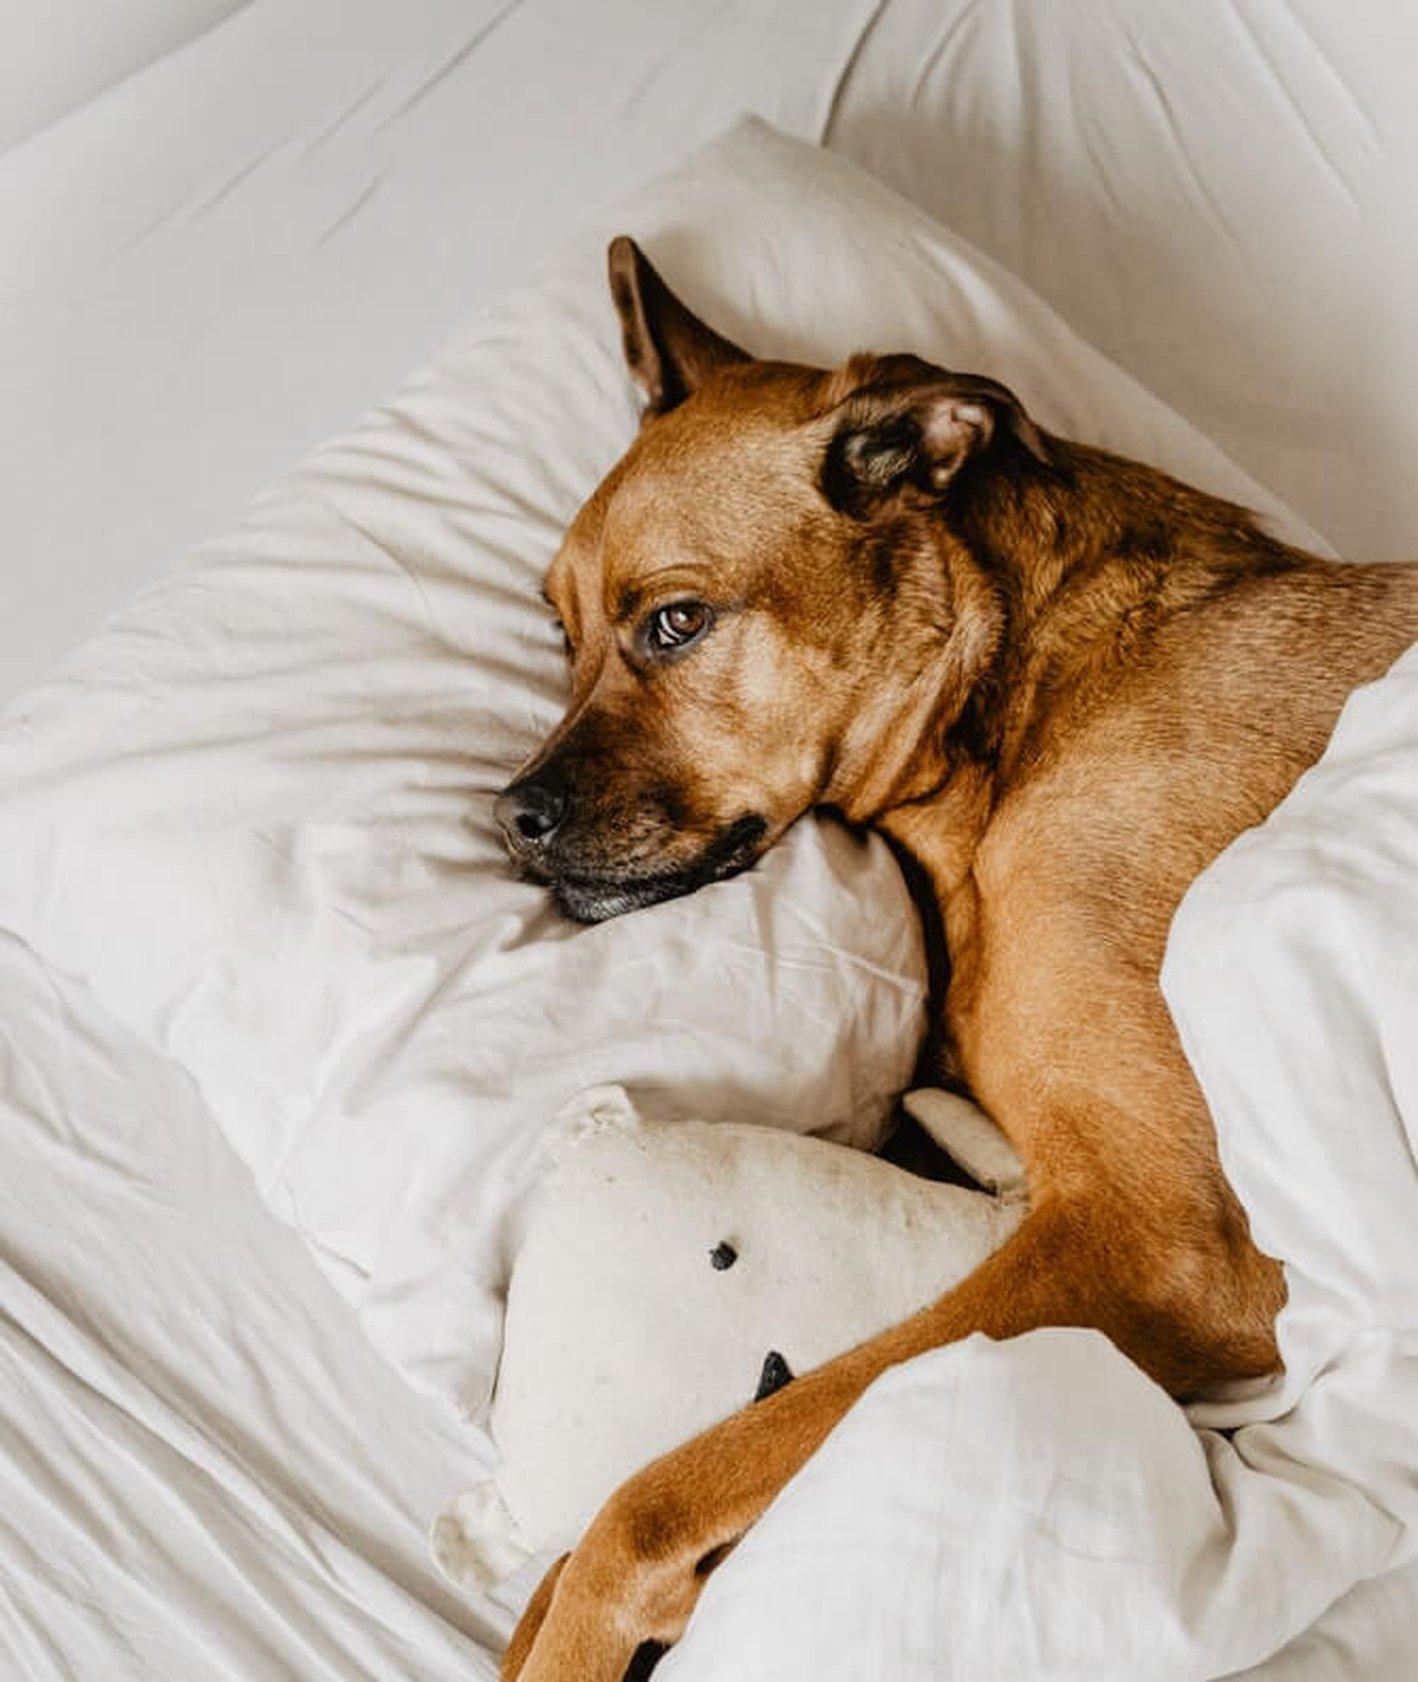 Czy posiadanie psa pomaga na zdrowie? Posiadacze psów są mniej zestresowani